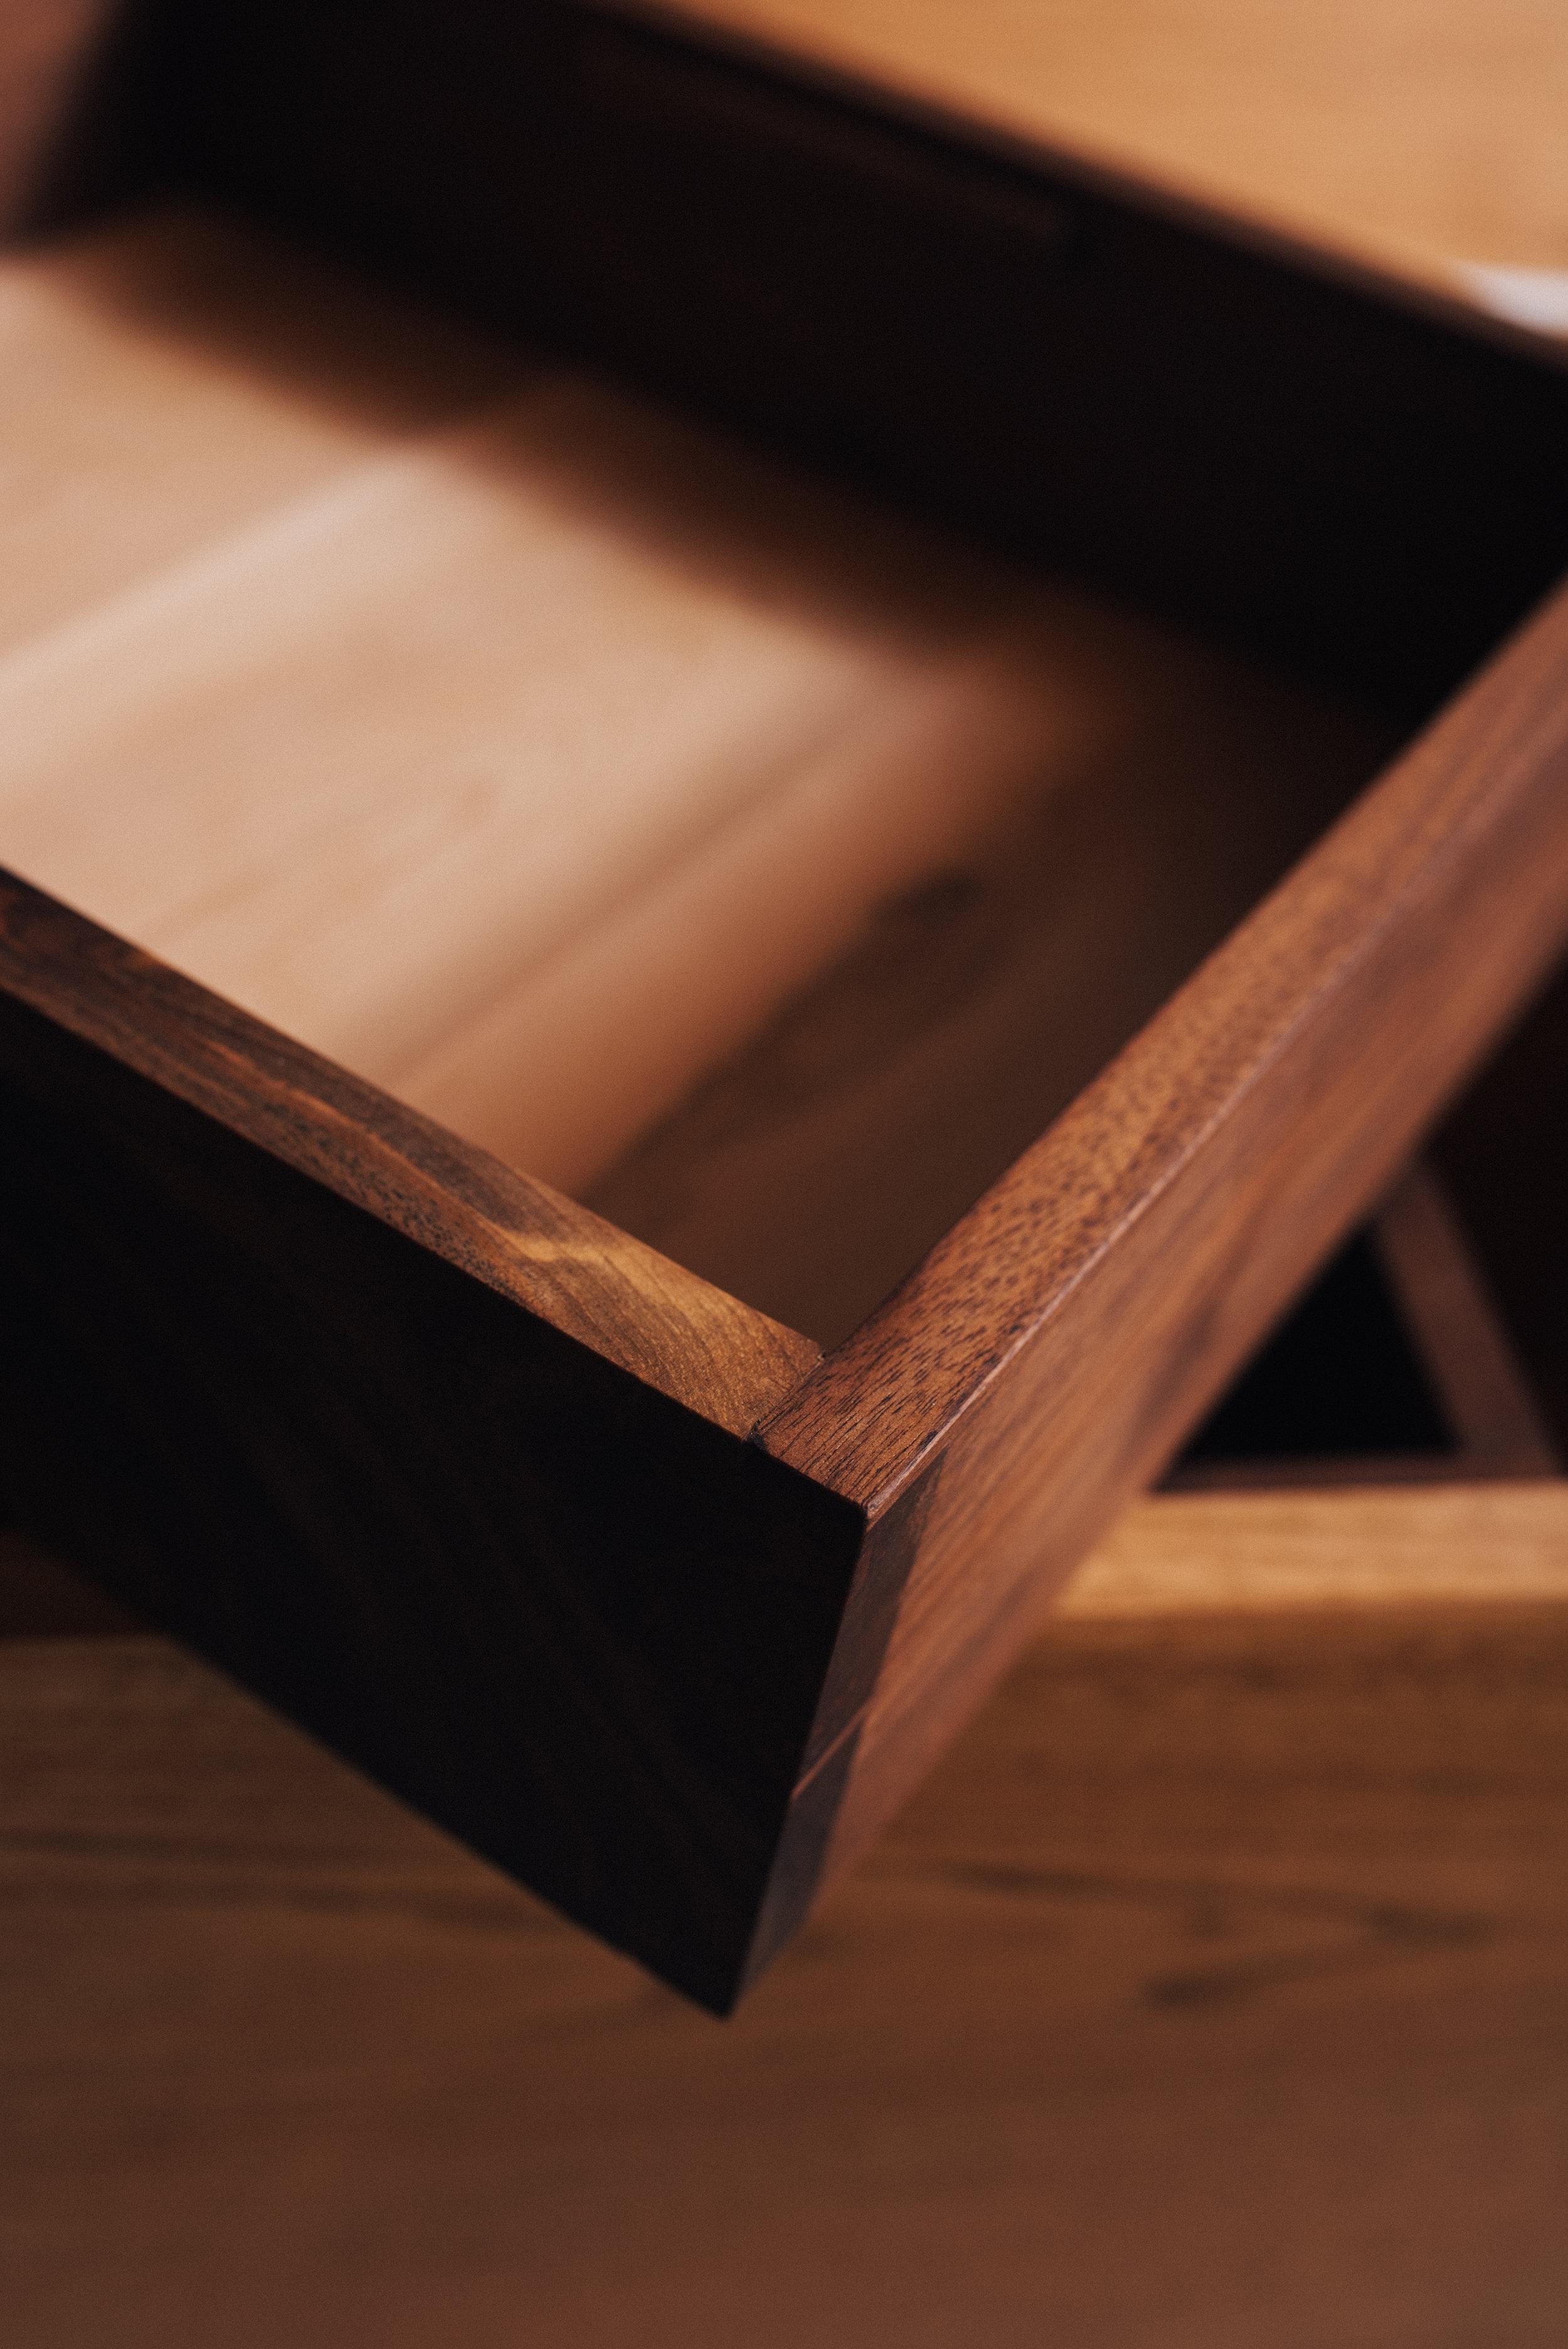 Black walnut dovetailed storage boxes. White cedar bottoms.